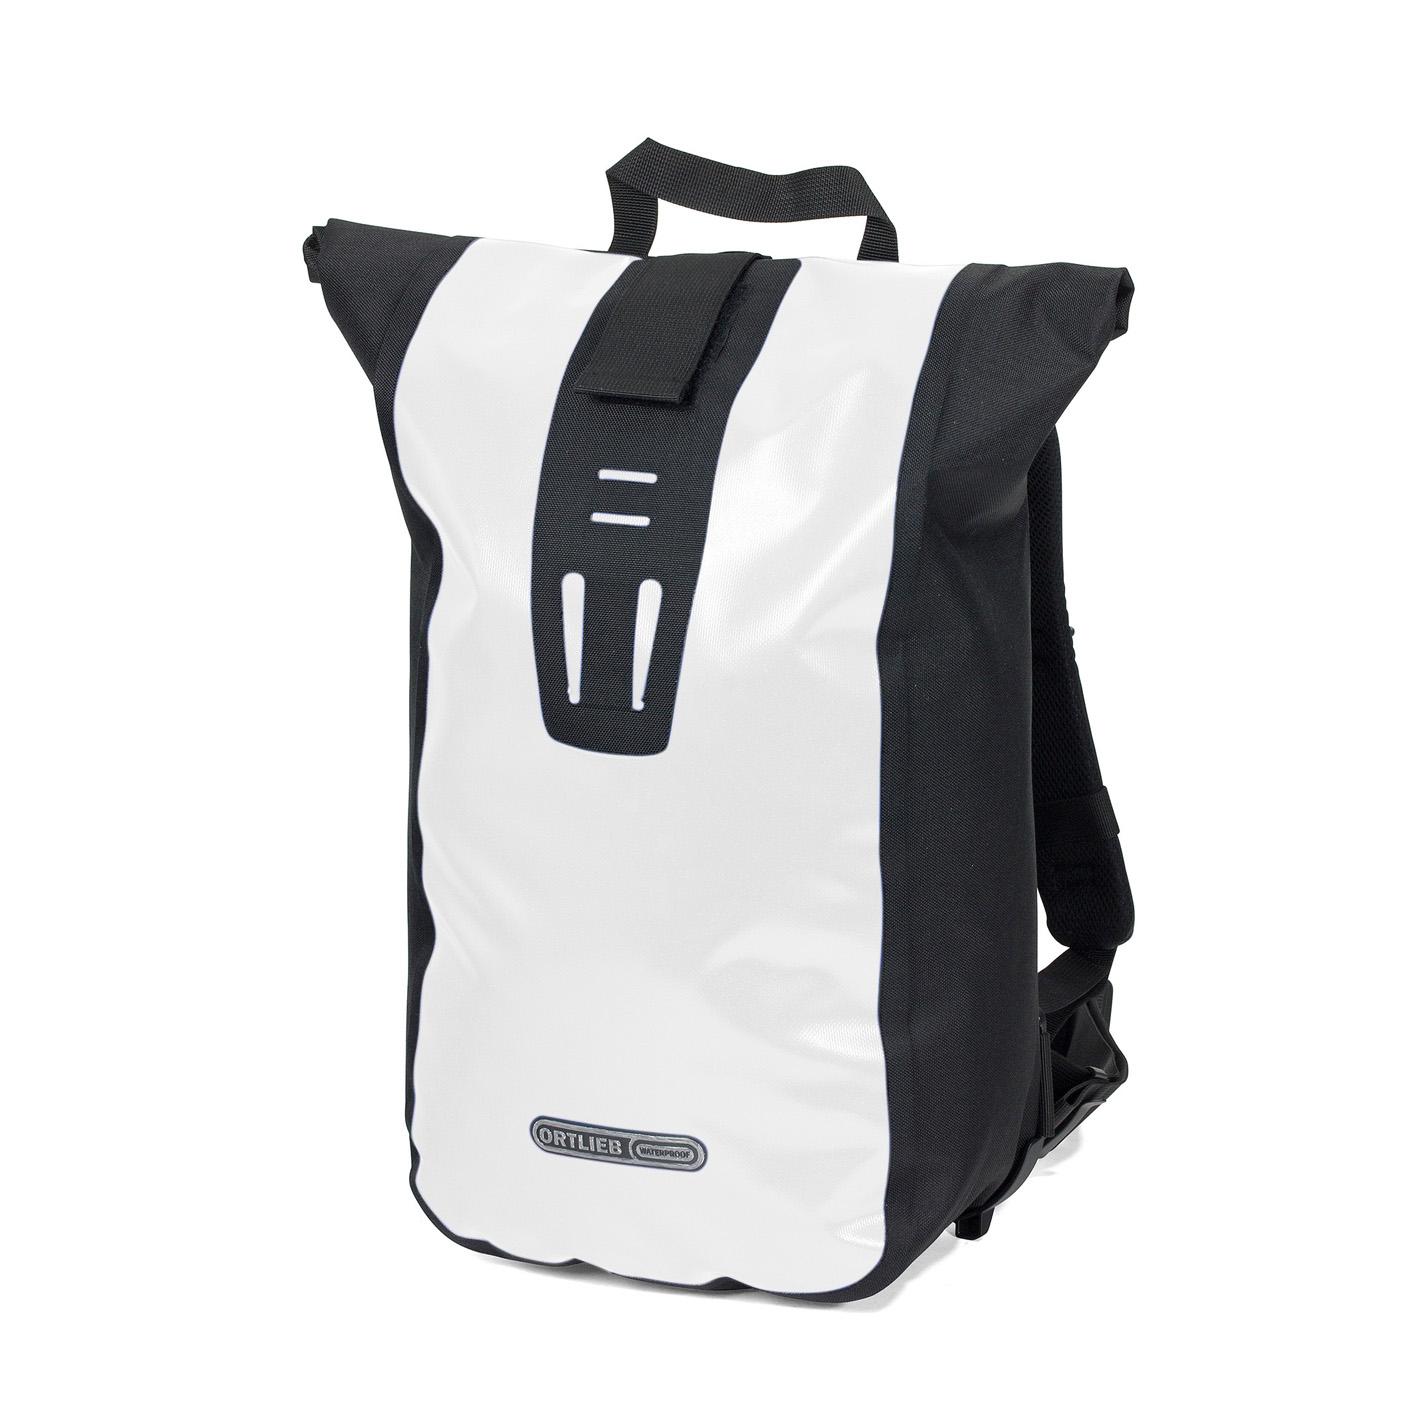 [오르트립]ORTLIEB - 벨로씨티 Velocity 배낭형 가방 / 화이트 R4006 20L 백팩 자전거 바이크 방수 가방 오르트립코리아 정품